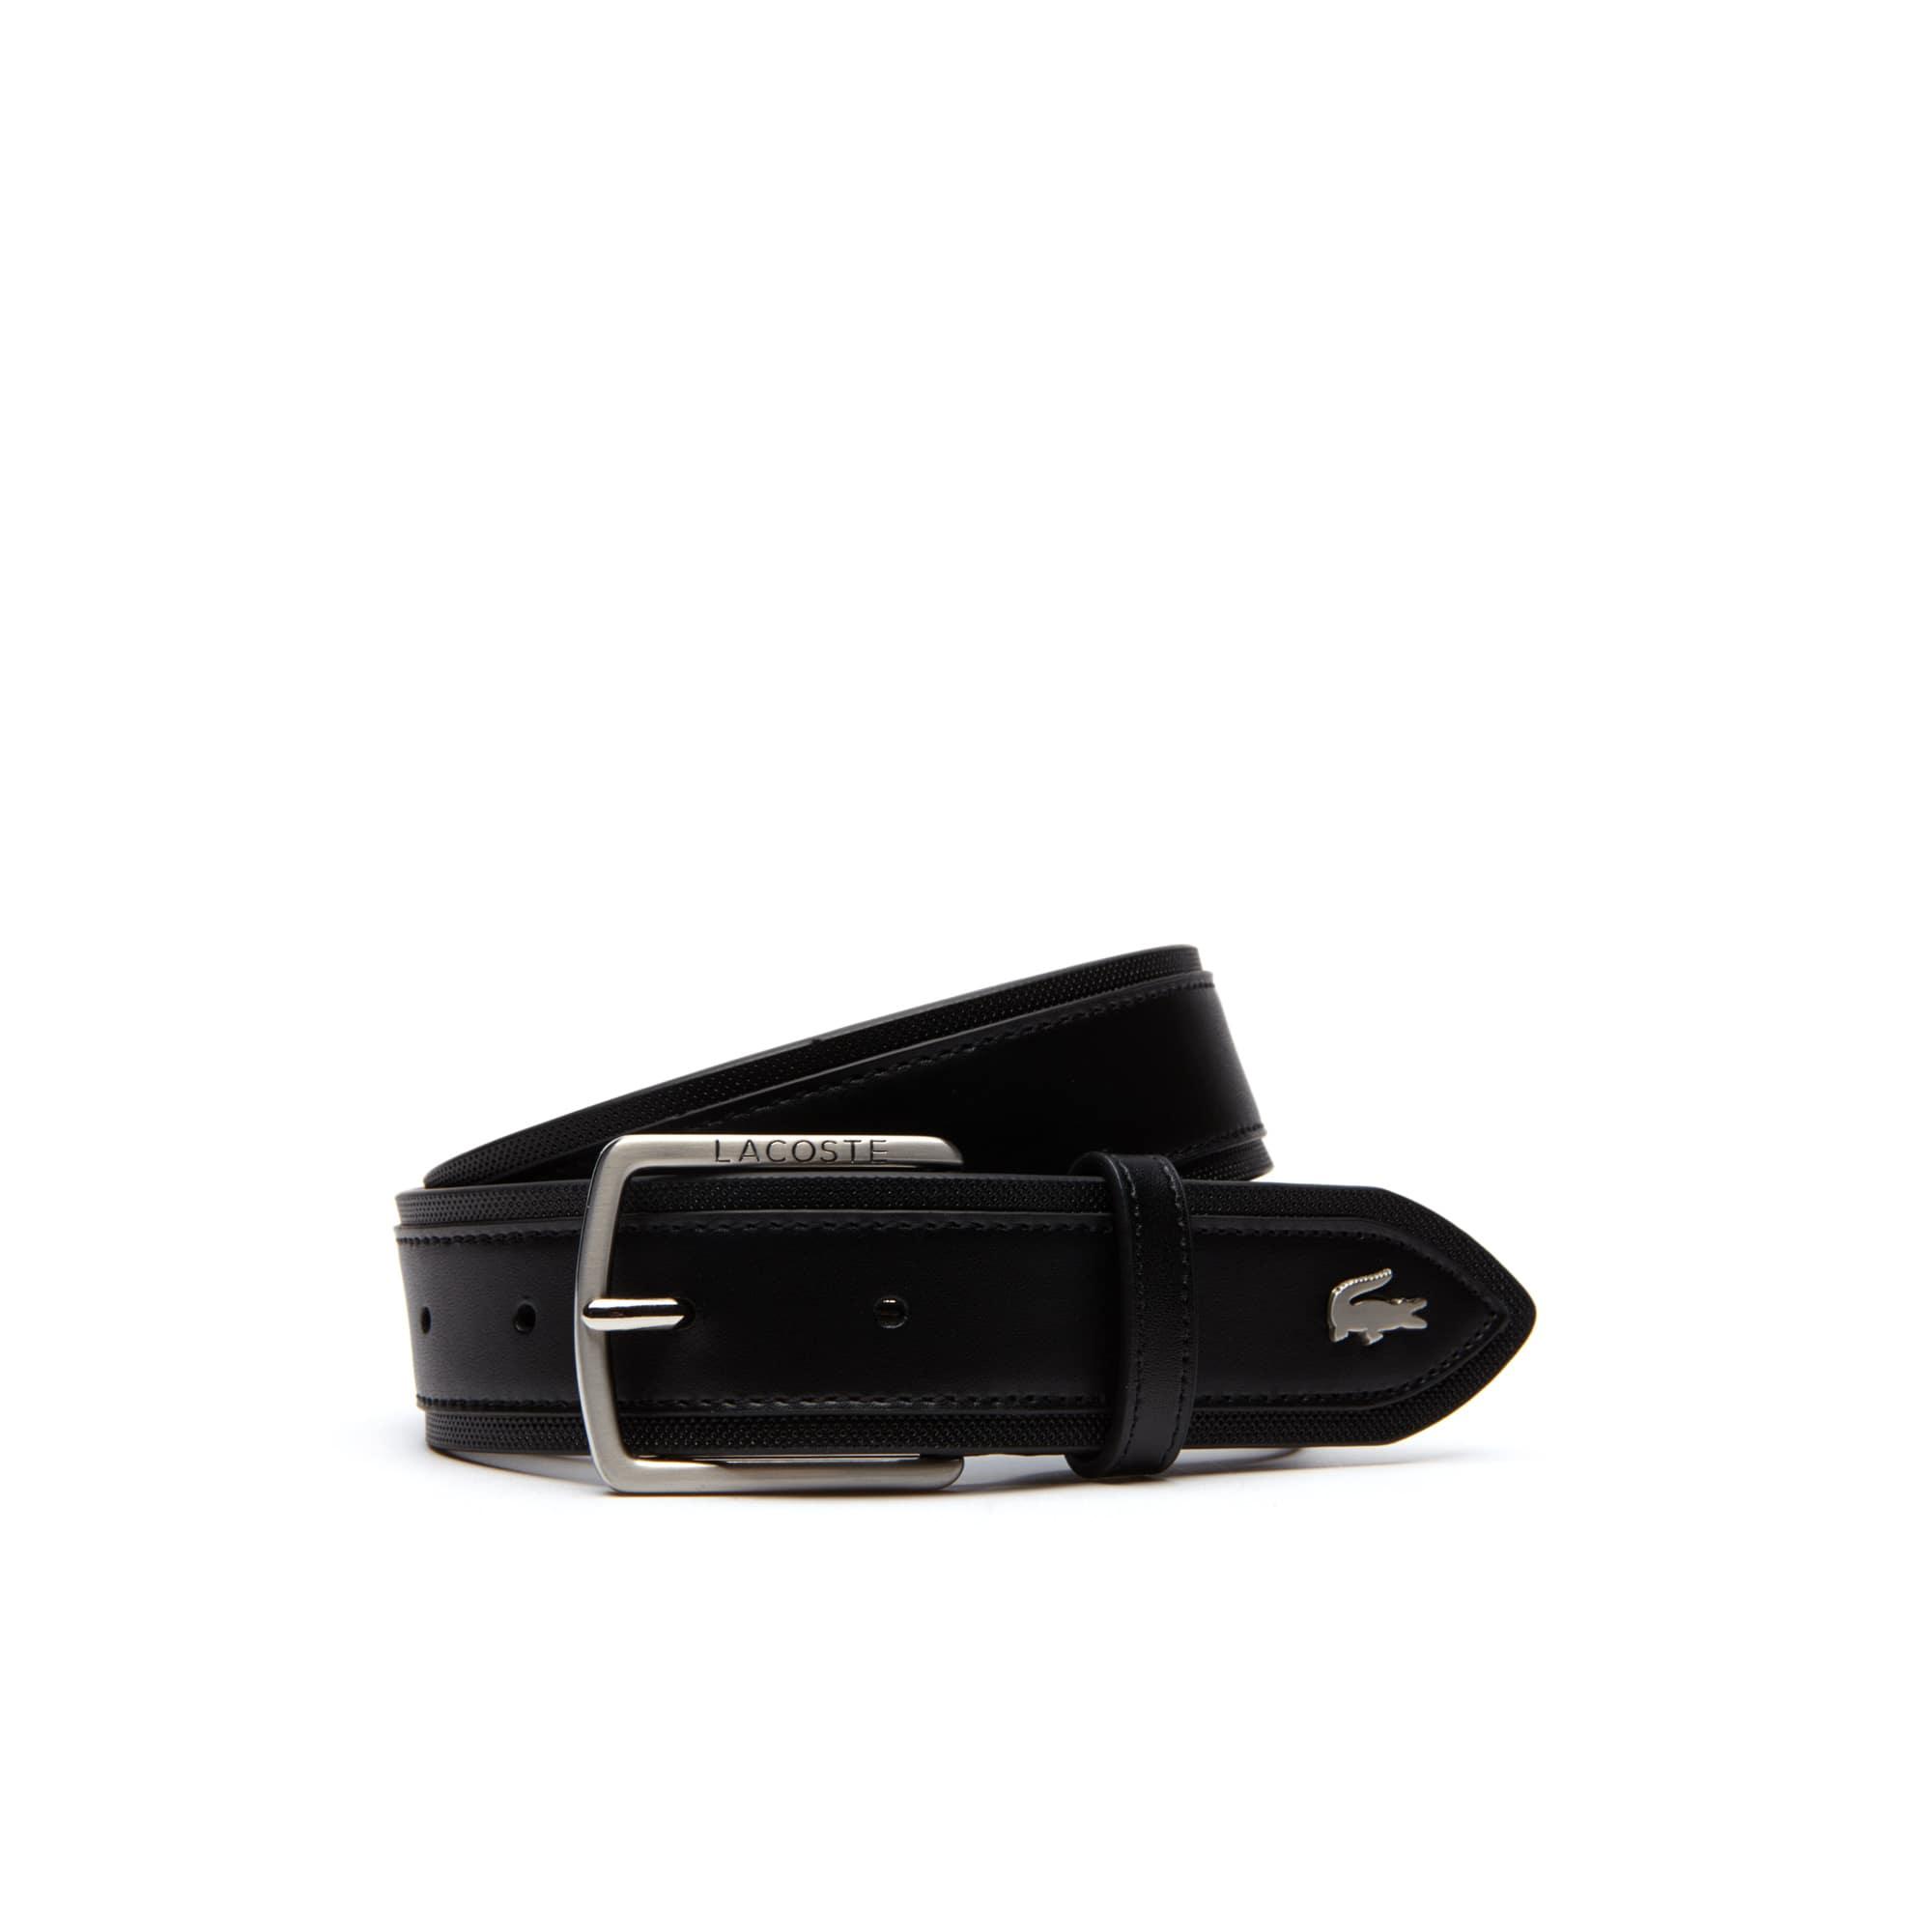 Herrengürtel aus Glatt- und Piqué-Leder mit Piquéschlaufe